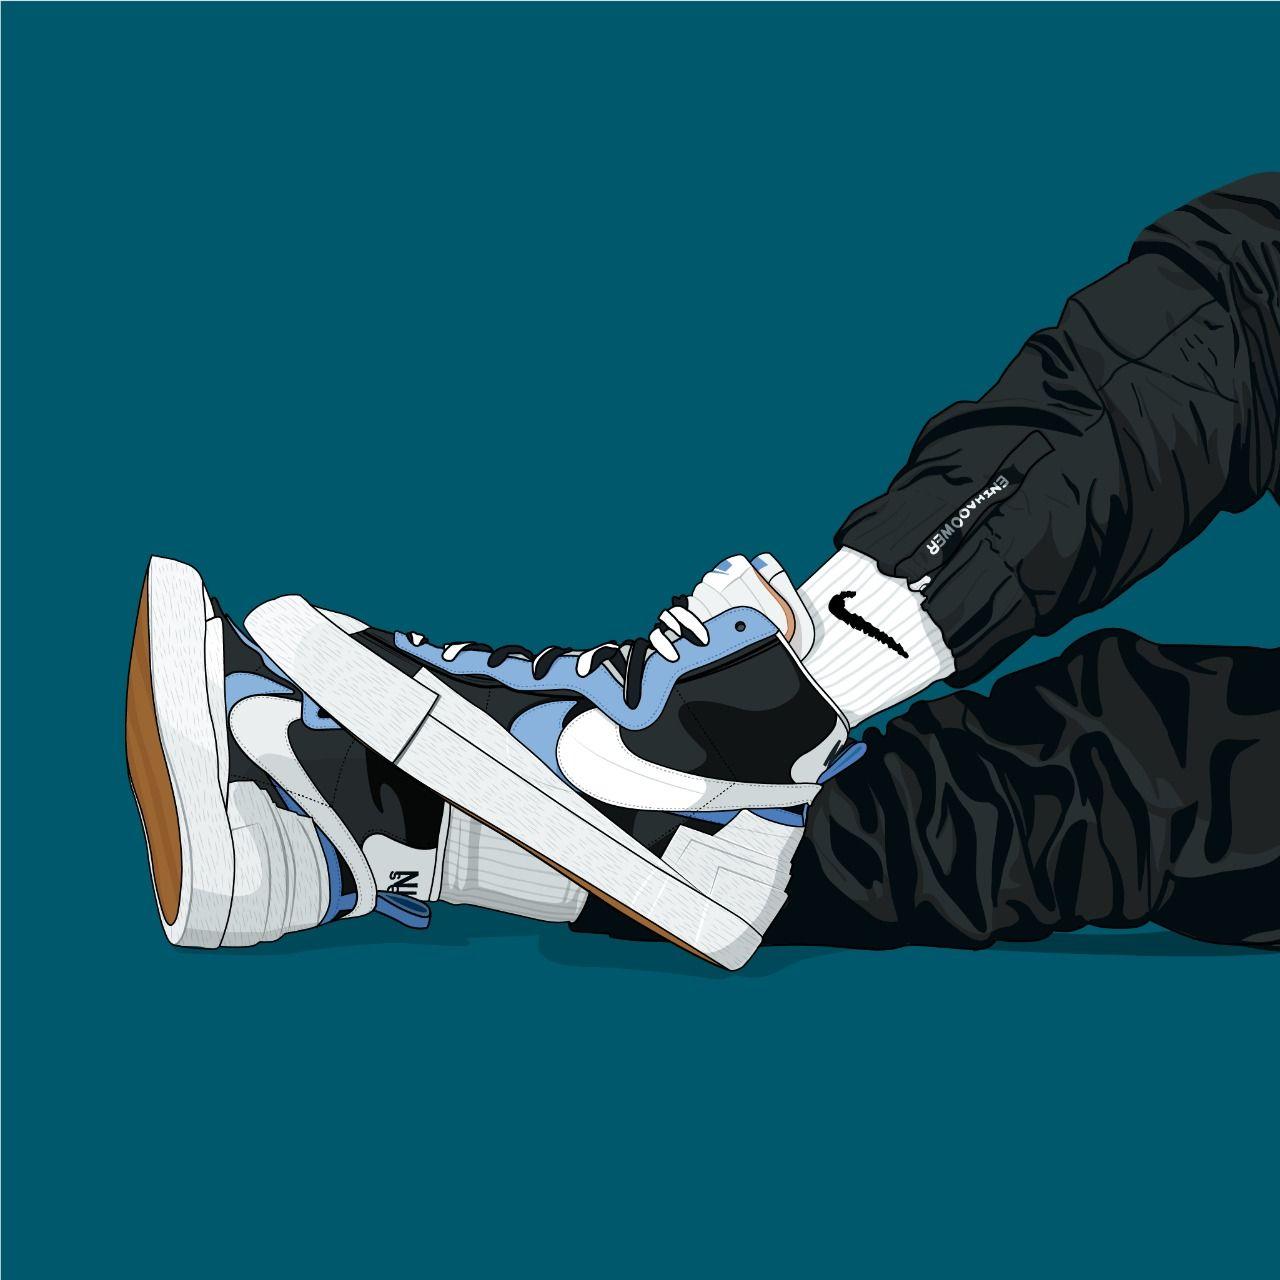 Sacai x Nike Blazer in 2020 | Cool nike